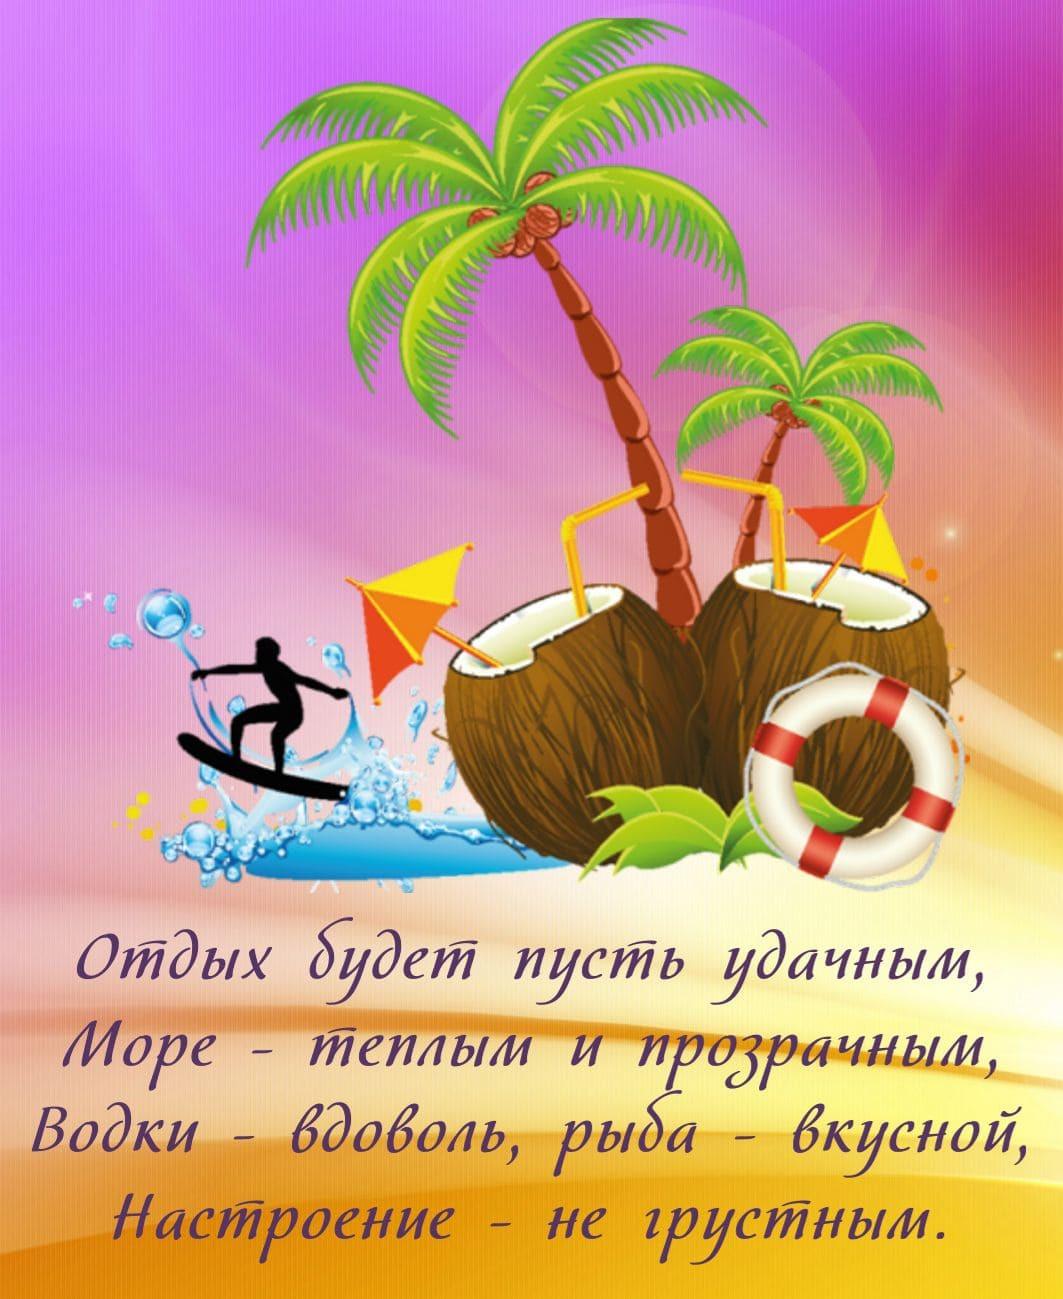 Надписью, открытки для отдыха на море